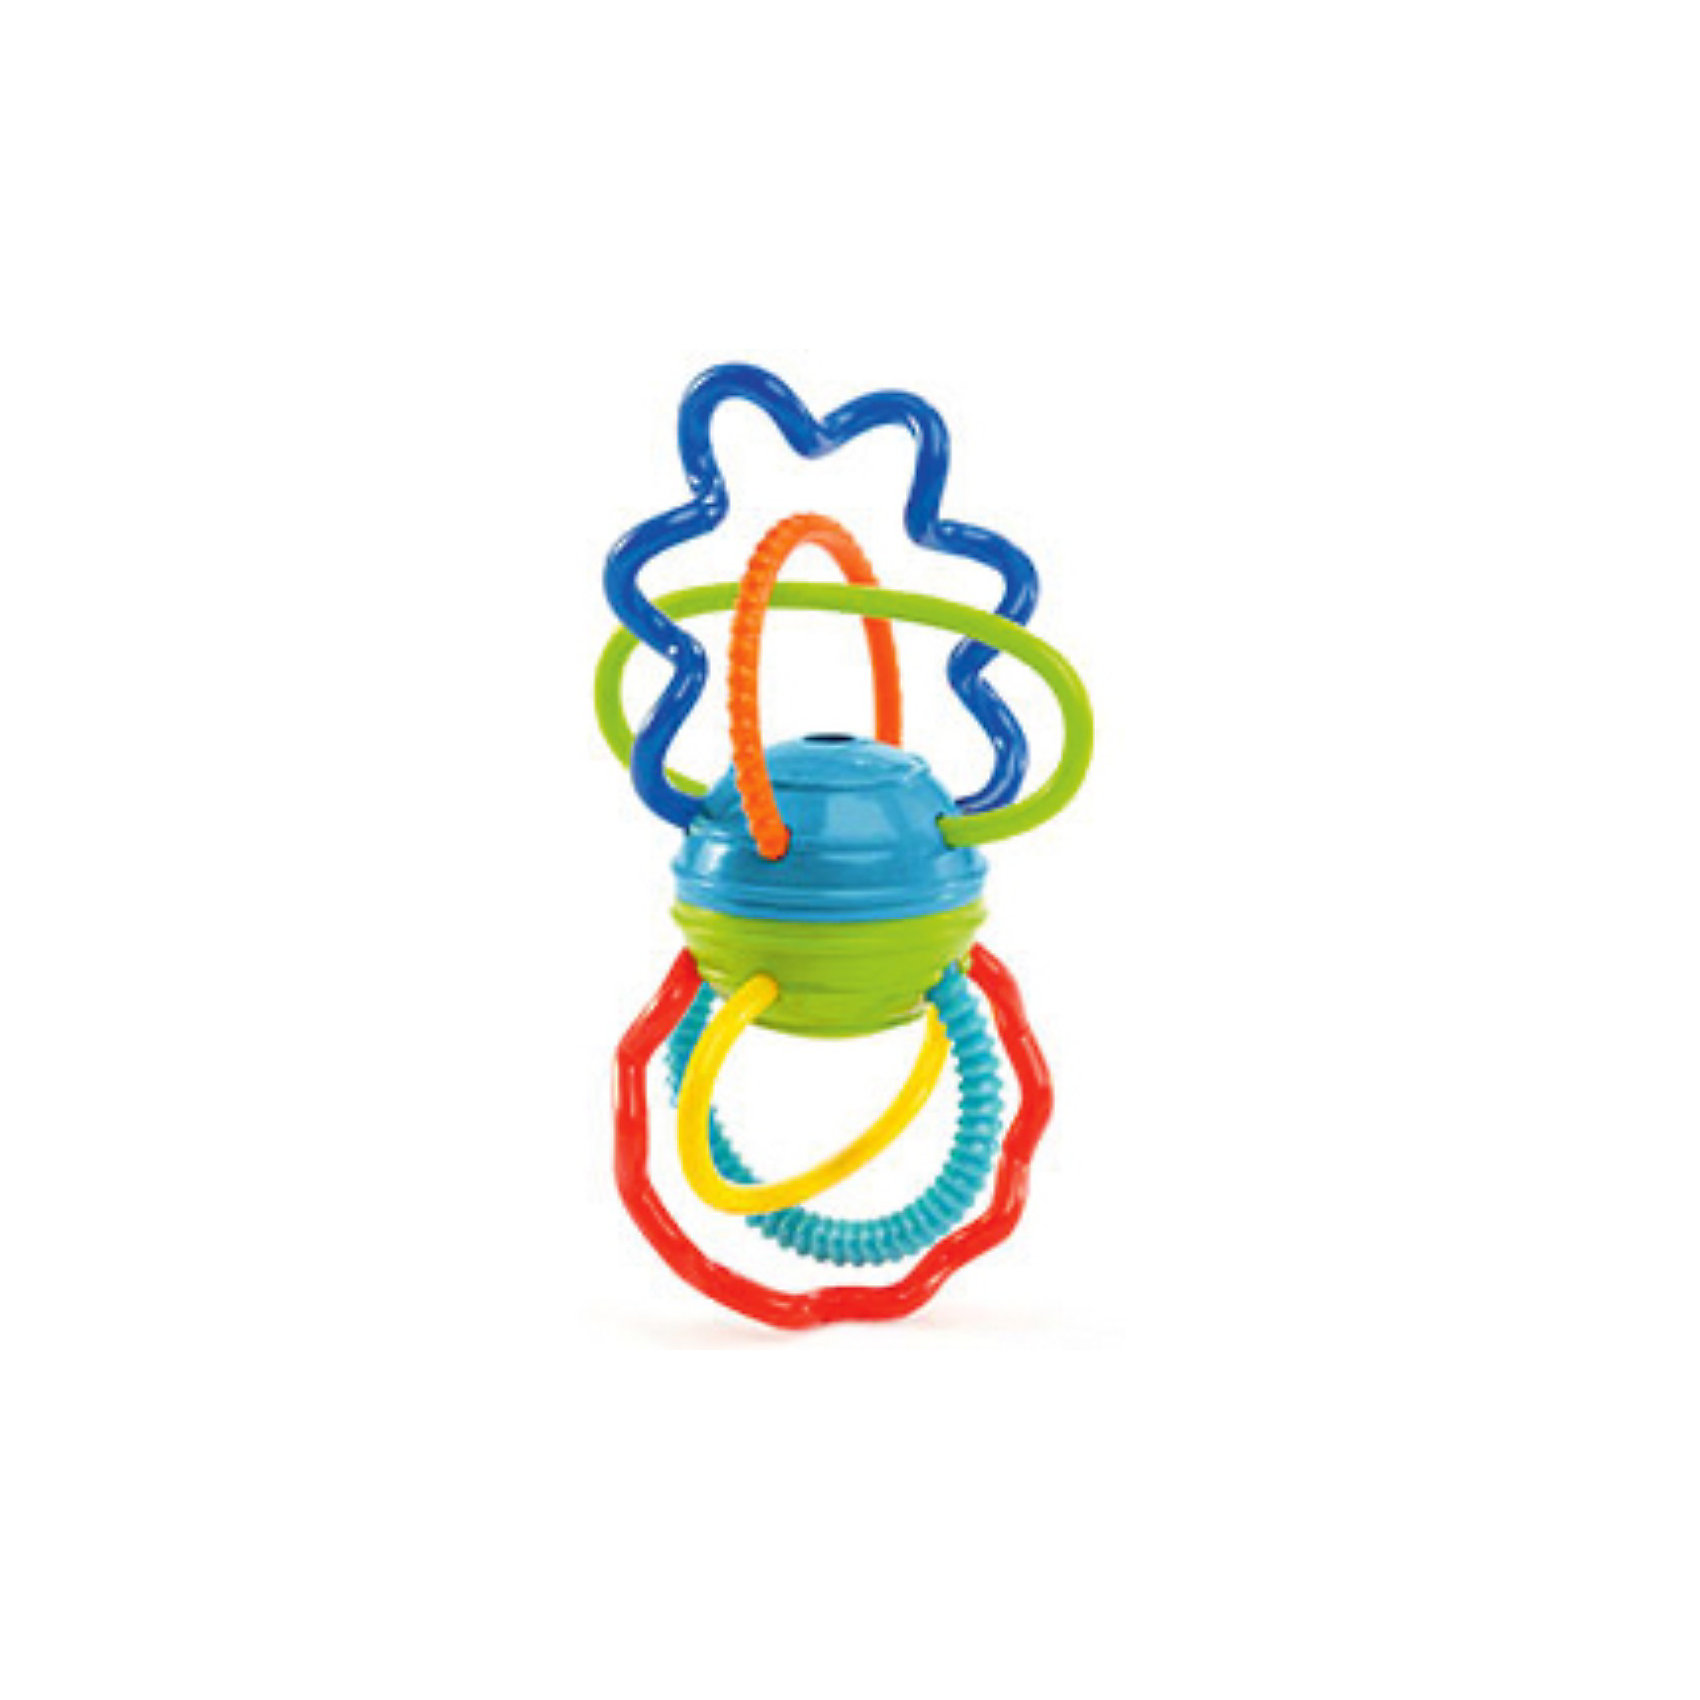 Развивающая игрушка Разноцветная гантелька, OballРазвивающие игрушки<br>Яркие цвета, необычные спиральки и щелкающие звуки!<br><br>ОСОБЕННОСТИ<br>Яркие спиральки и дуги разной длины и  формы легко гнутся, развивают тактильные ощущения и зрение<br>Рельефные поверхности для кусания успокоят нежные десна малыша<br>При вращении деталей шарика в центре игрушка забавно трещит благодаря «щелкающему» механизму!<br>Легко хватать маленькими ручками<br><br><br>Дополнительные характеристики<br> Не содержит вредных веществ<br> Размеры товара: 15*8*9 см<br> Размеры коробки: 17*5*14 см<br><br>Ширина мм: 190<br>Глубина мм: 121<br>Высота мм: 66<br>Вес г: 74<br>Возраст от месяцев: 3<br>Возраст до месяцев: 36<br>Пол: Унисекс<br>Возраст: Детский<br>SKU: 3400189